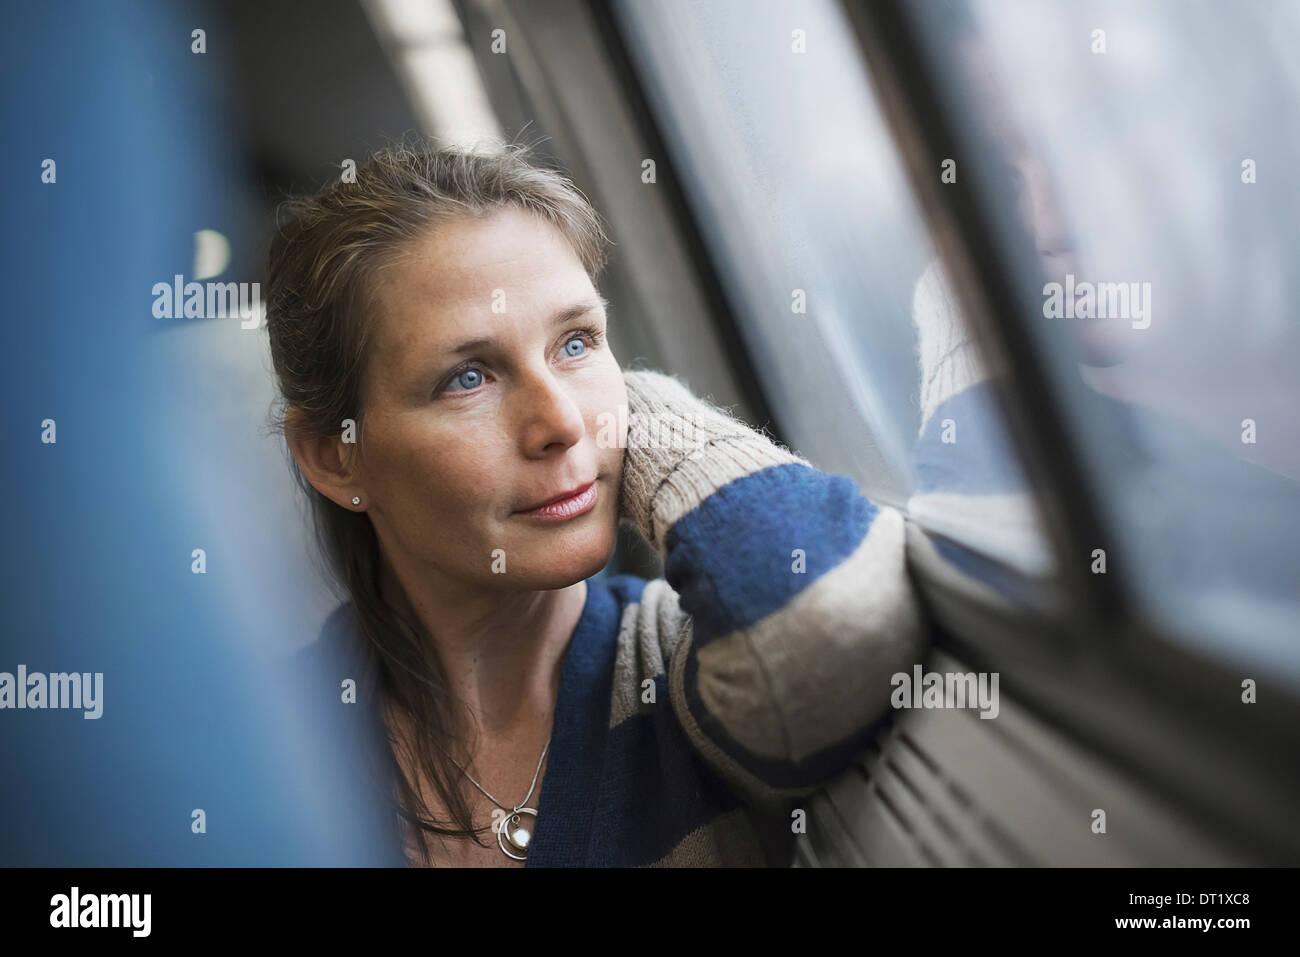 Una donna seduta in corrispondenza di una finestra sedile in un treno carrello appoggiato la sua testa sulla sua mano guardando in lontananza Immagini Stock